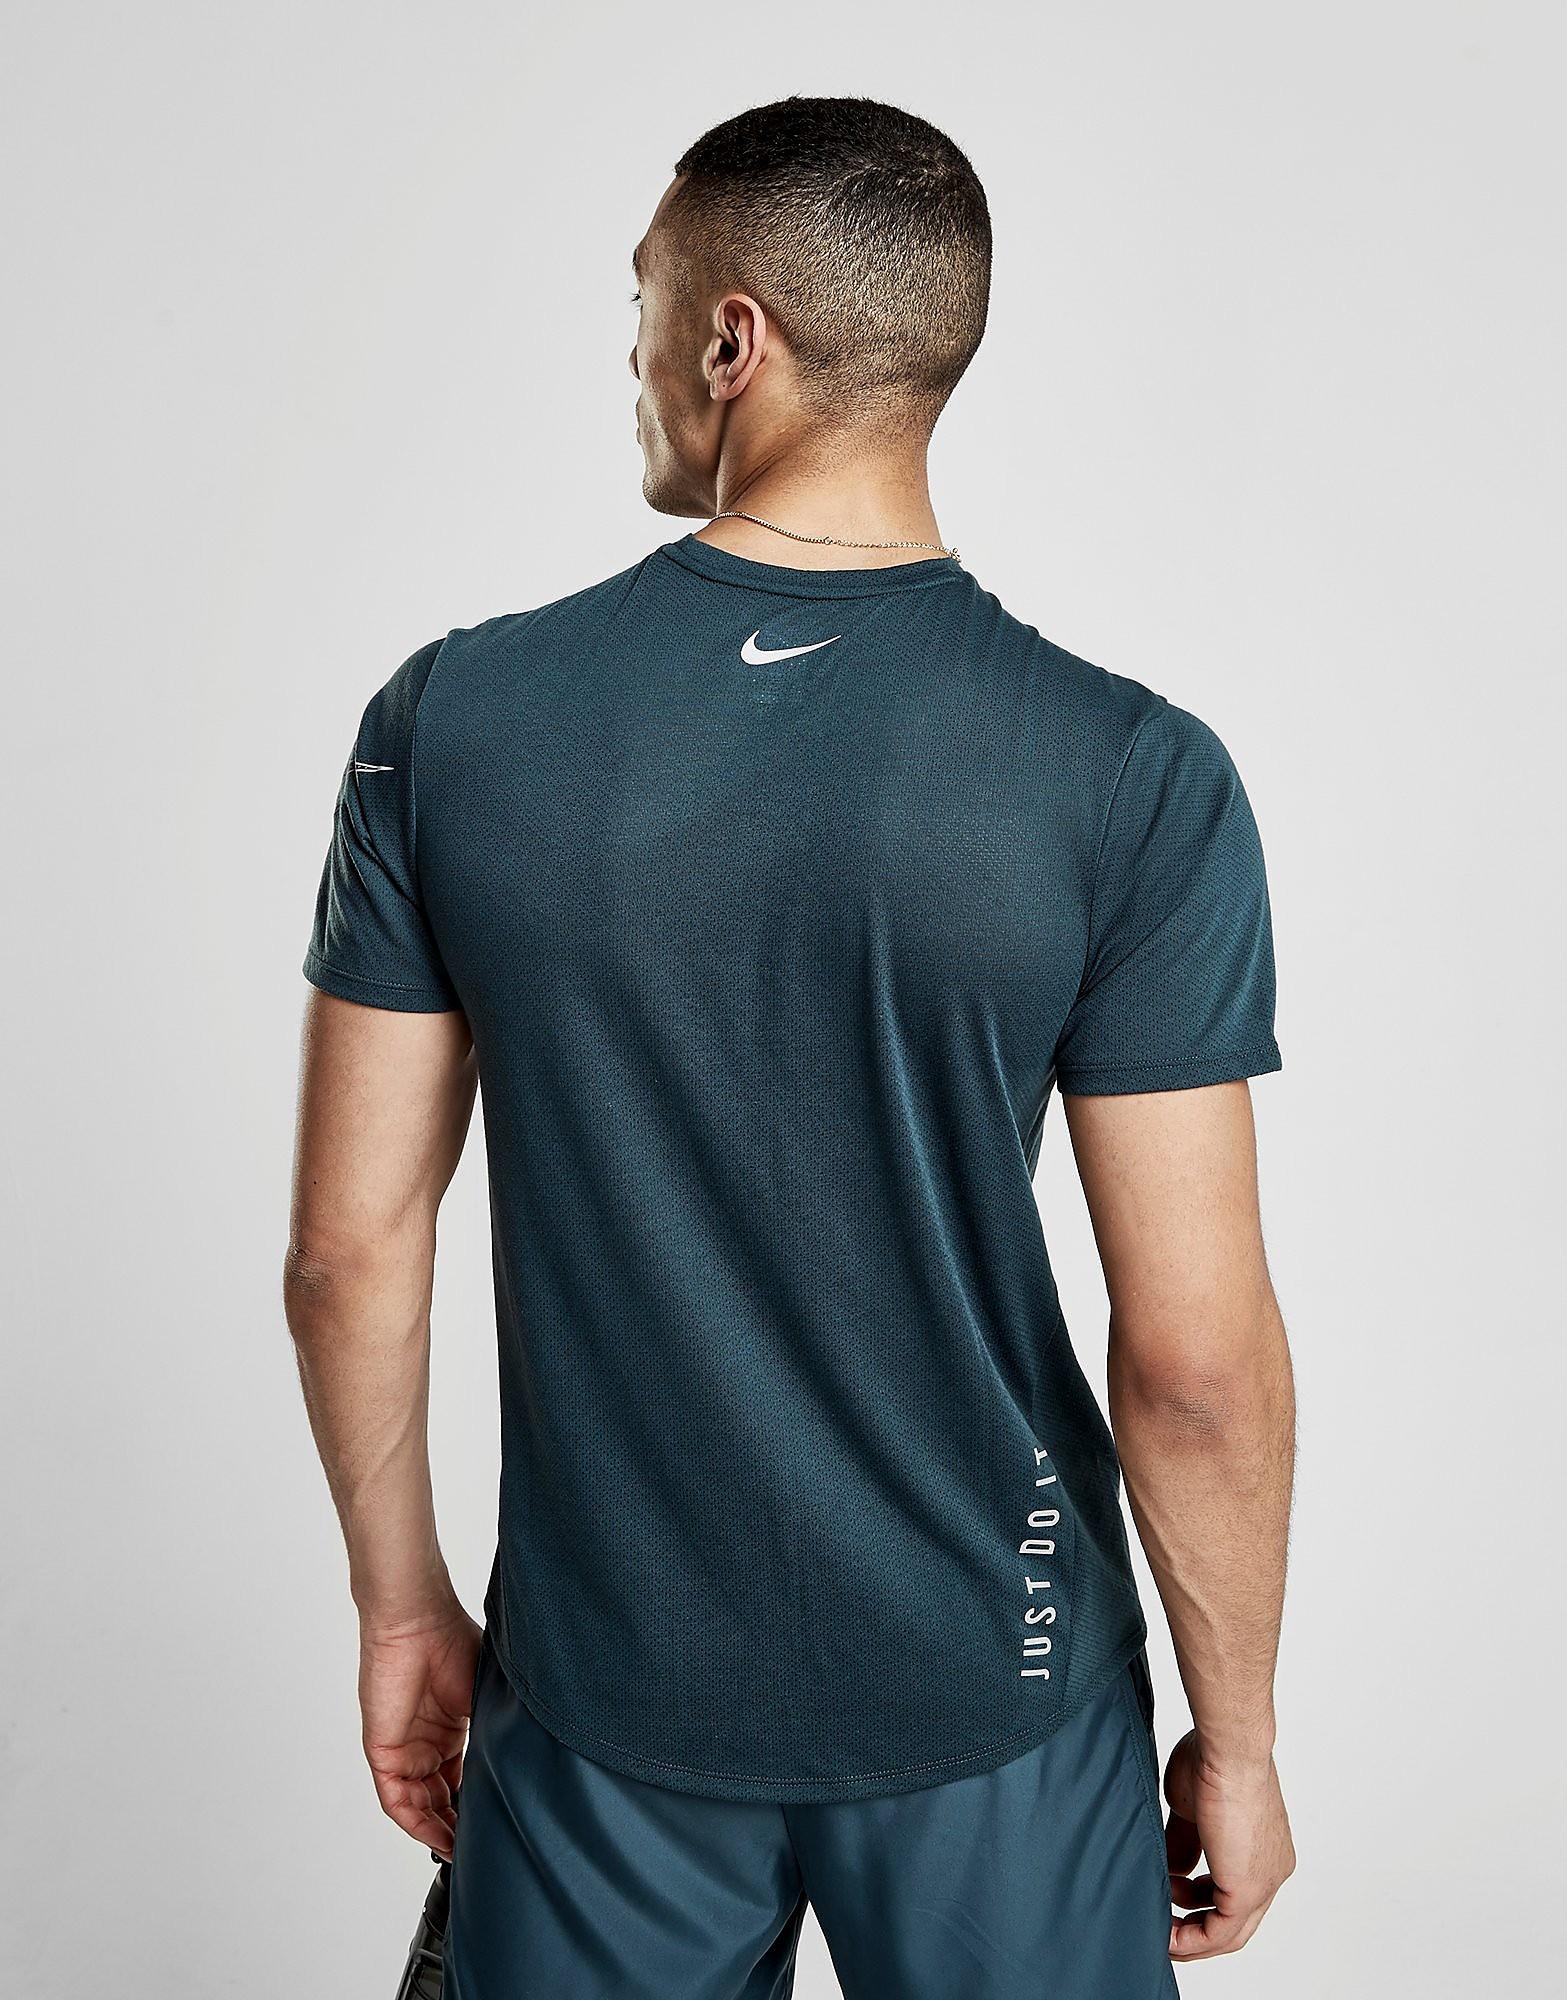 Nike Rise Short Sleeve T-Shirt